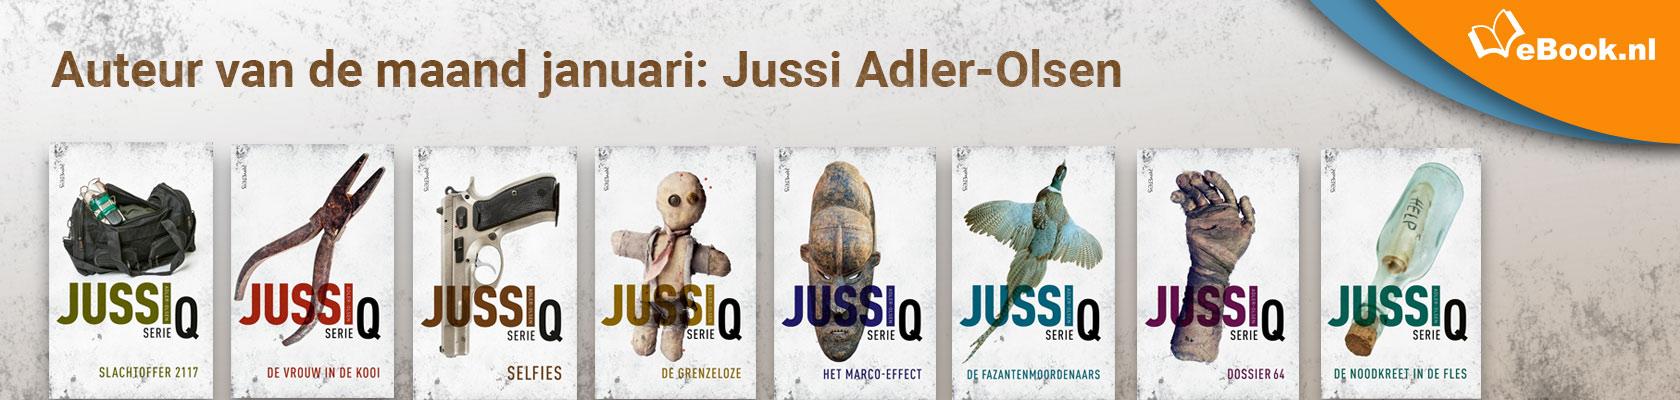 Auteur van de maand: Jussi Adler Olsen